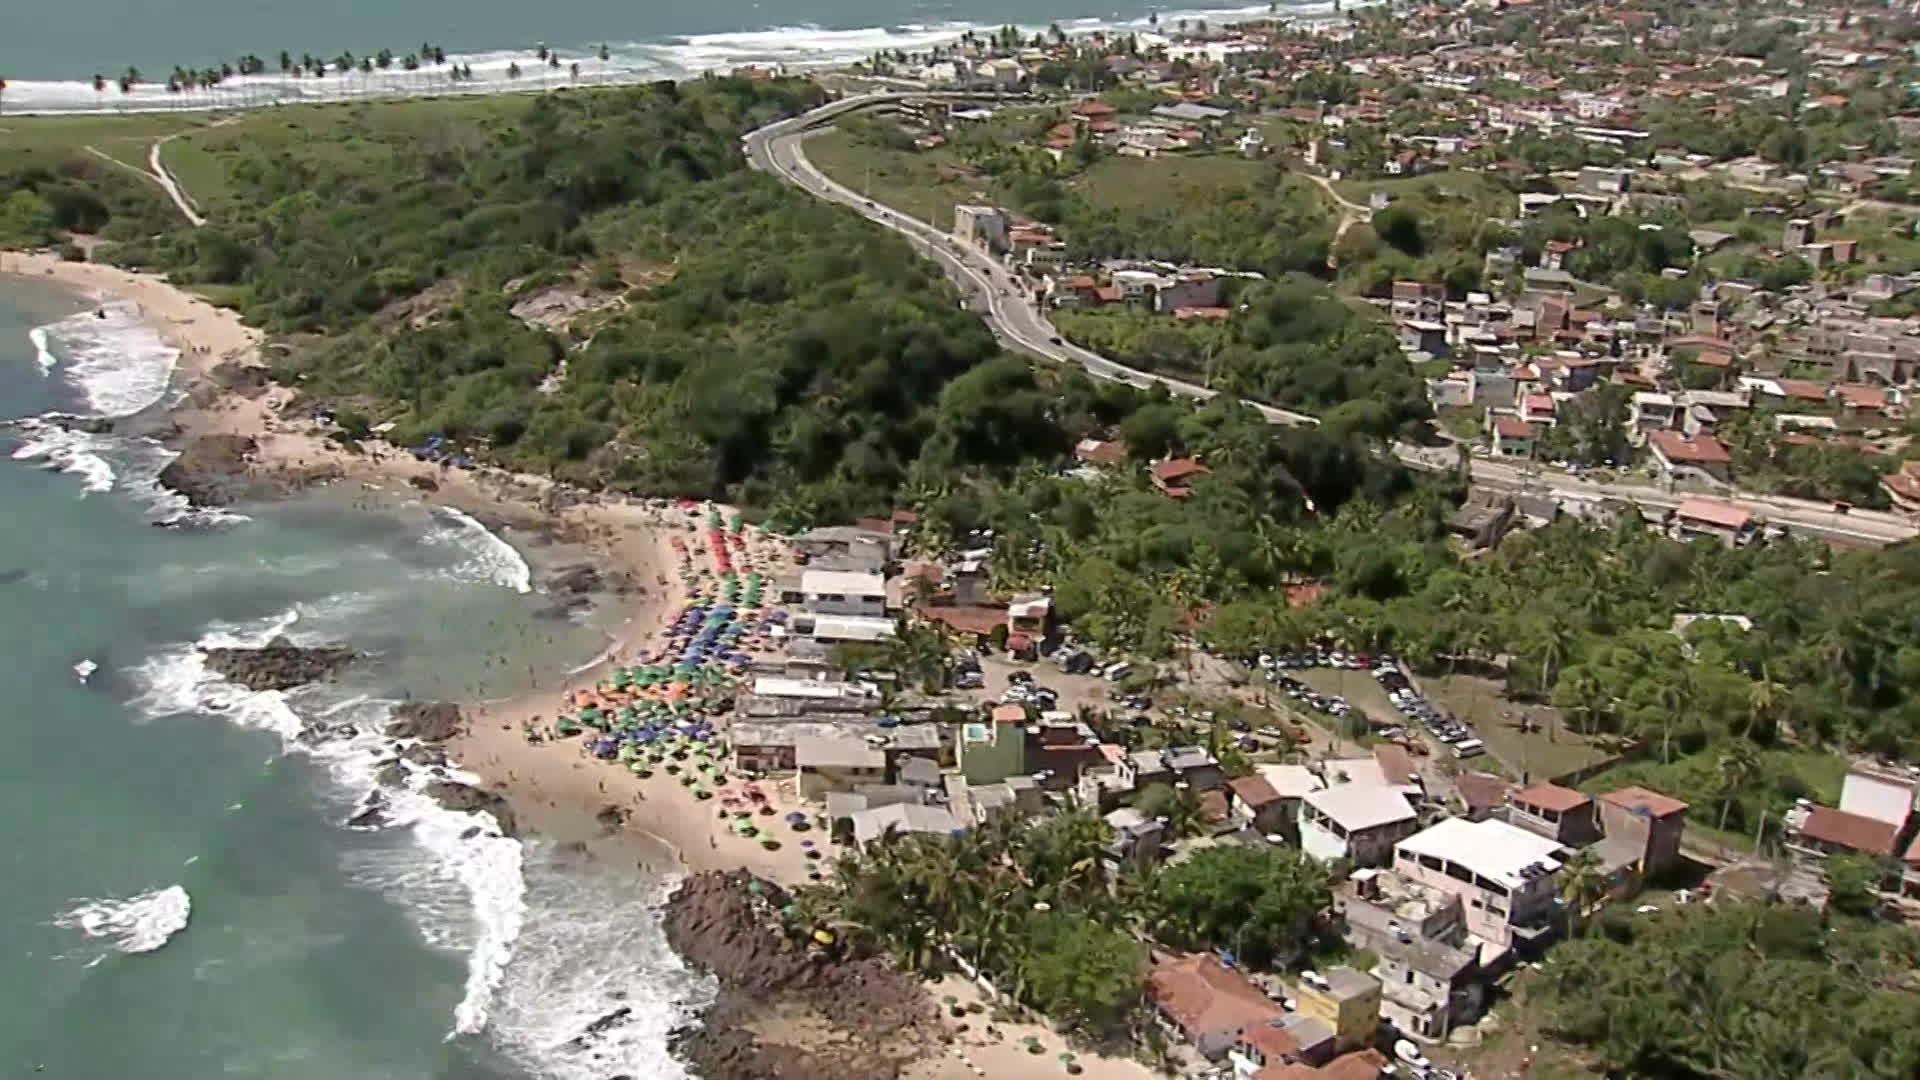 Por causa da Covid-19, Cabo proíbe ônibus de turismo nos fins de semana e comércio na praia das 18h às 8h